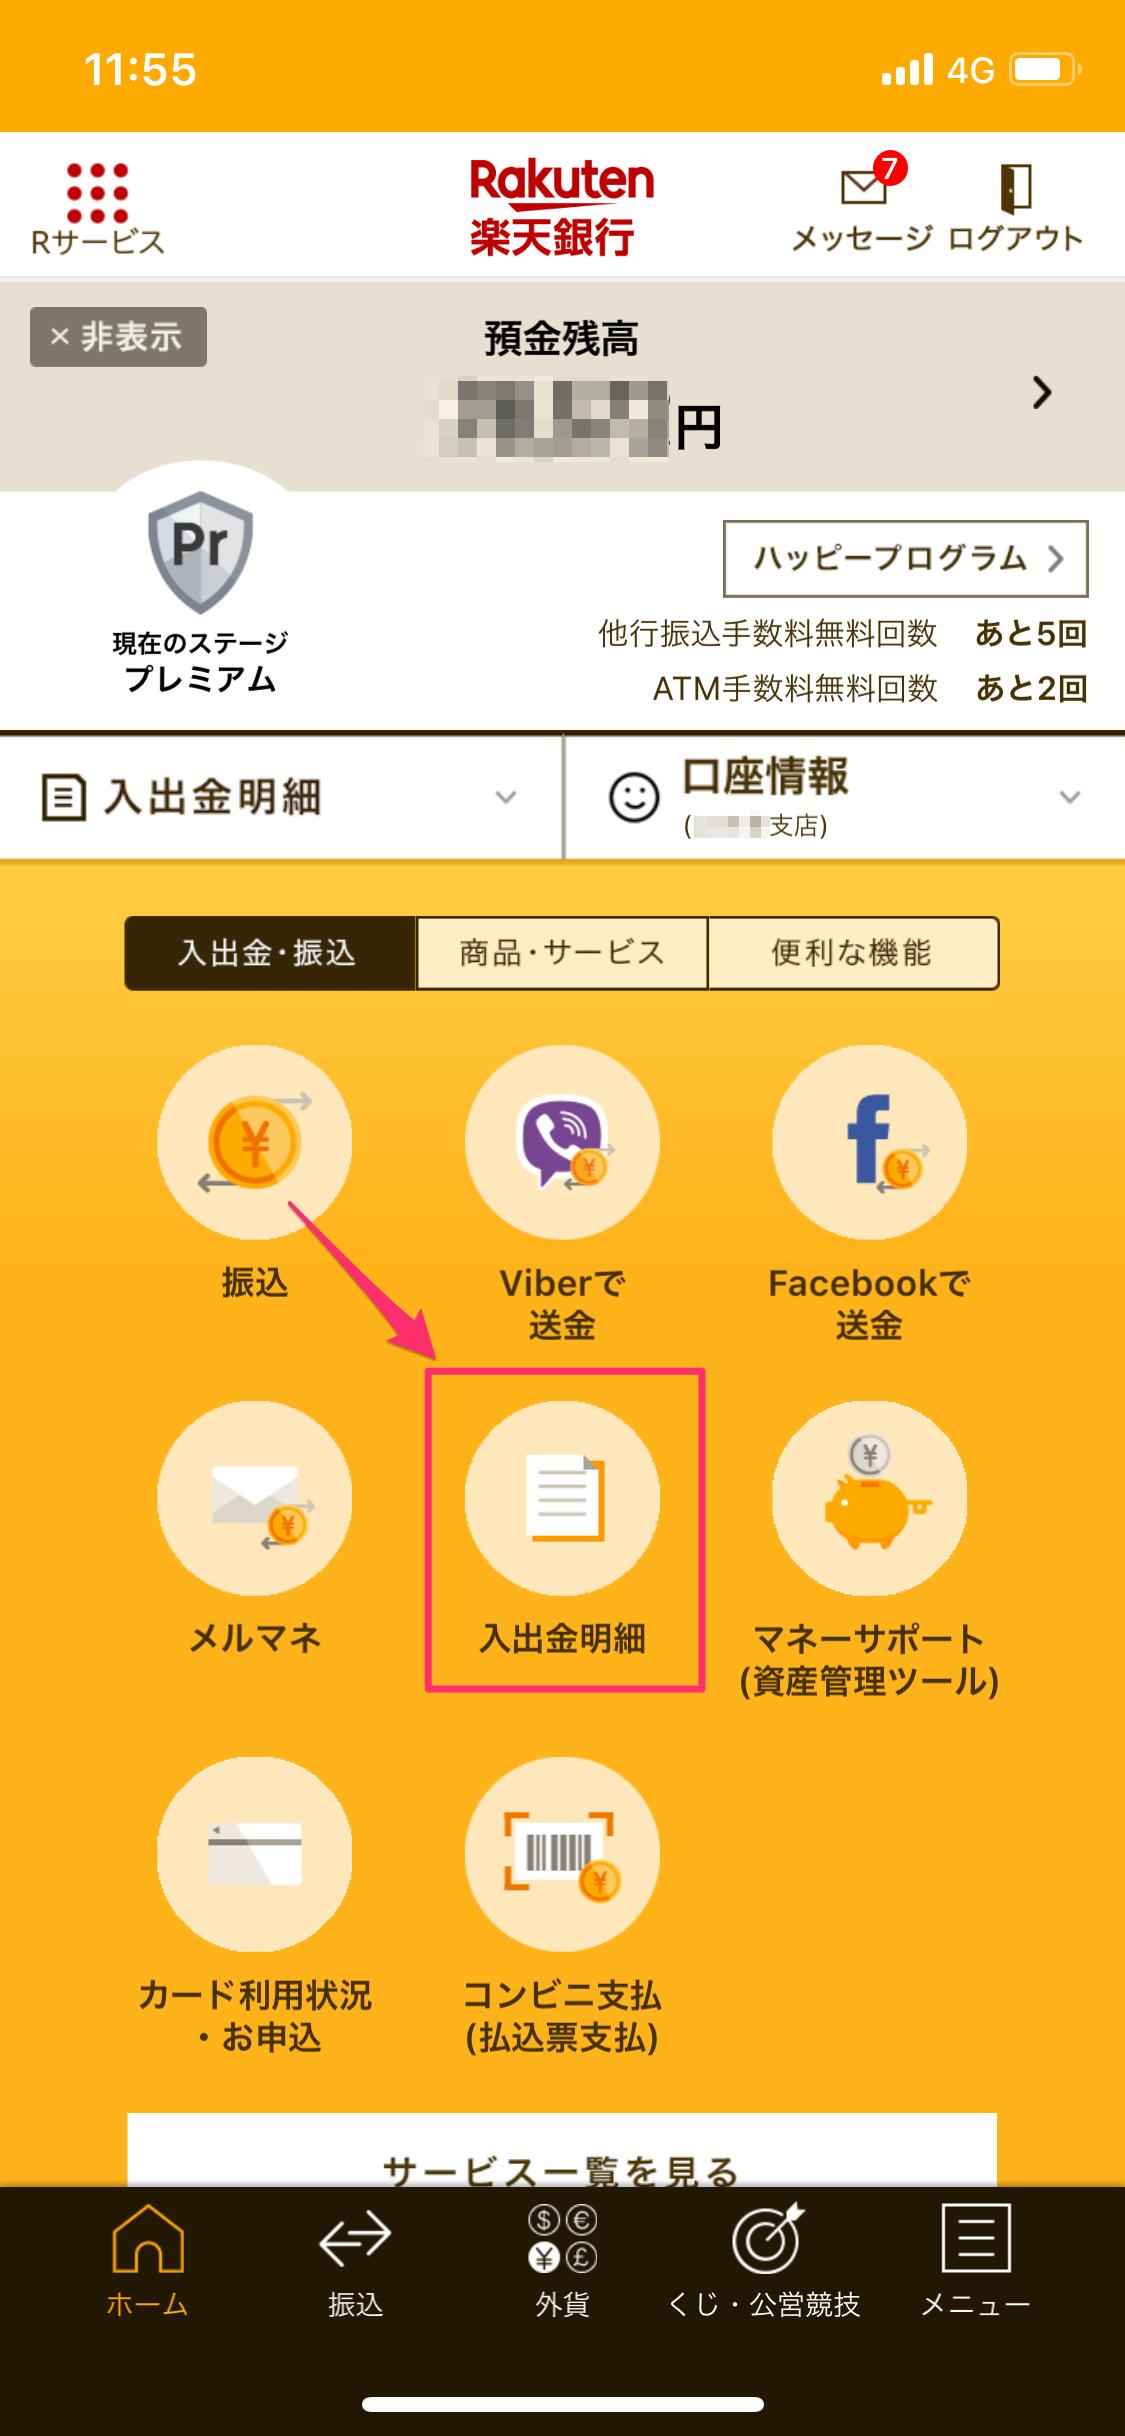 楽天銀行アプリトップ画面の入出金明細ボタン